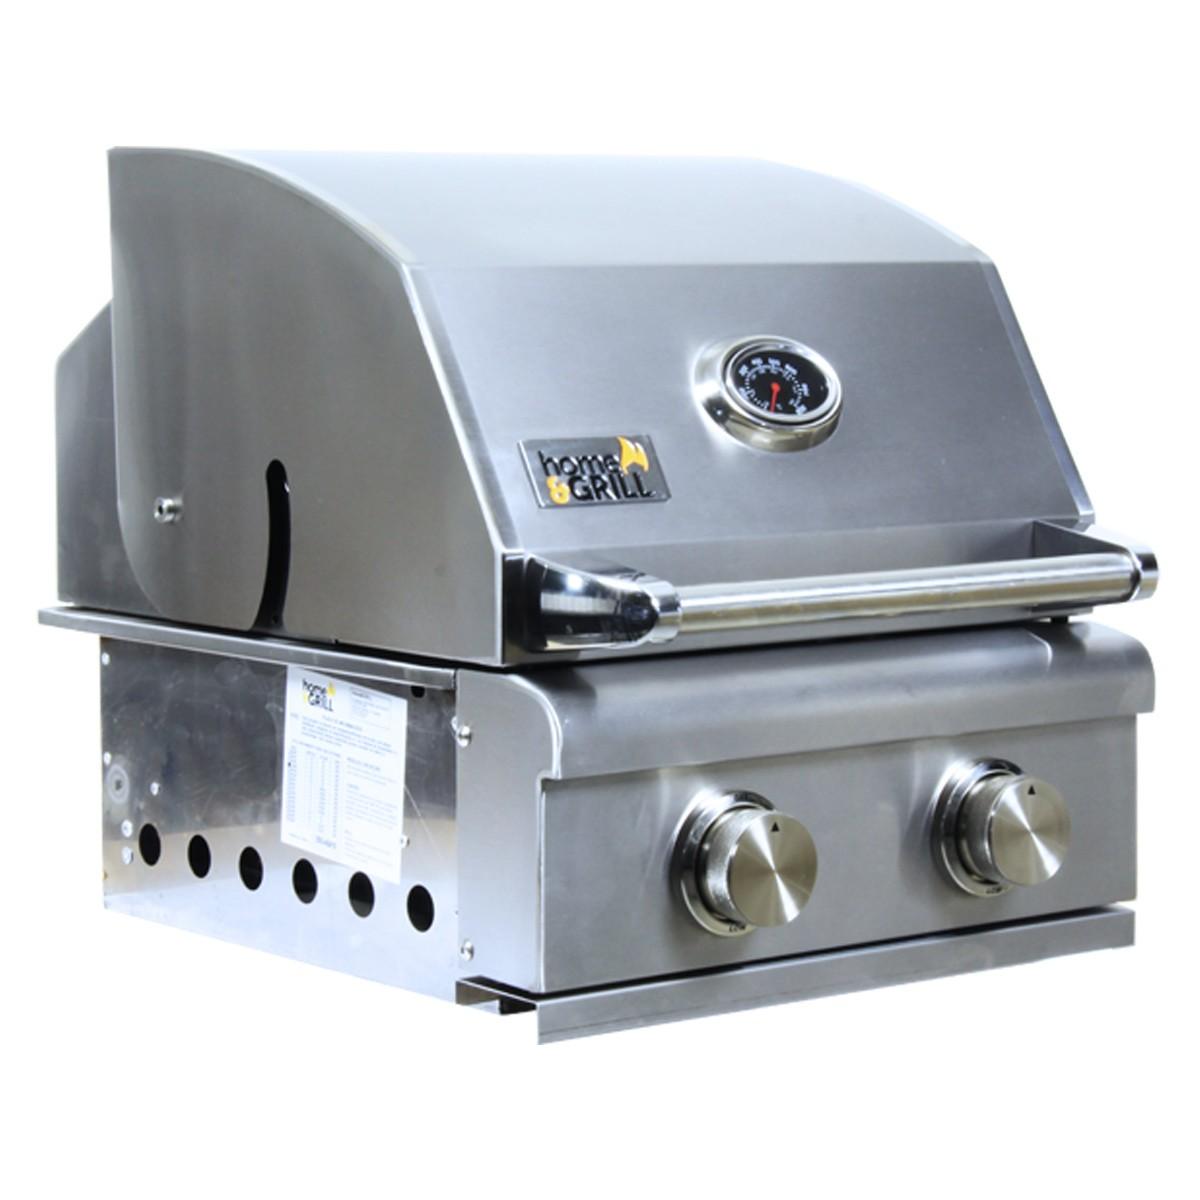 Churrasqueira a Gás Home e Grill Smart HG-2BS - 2 Queimadores - 100% Inox 304